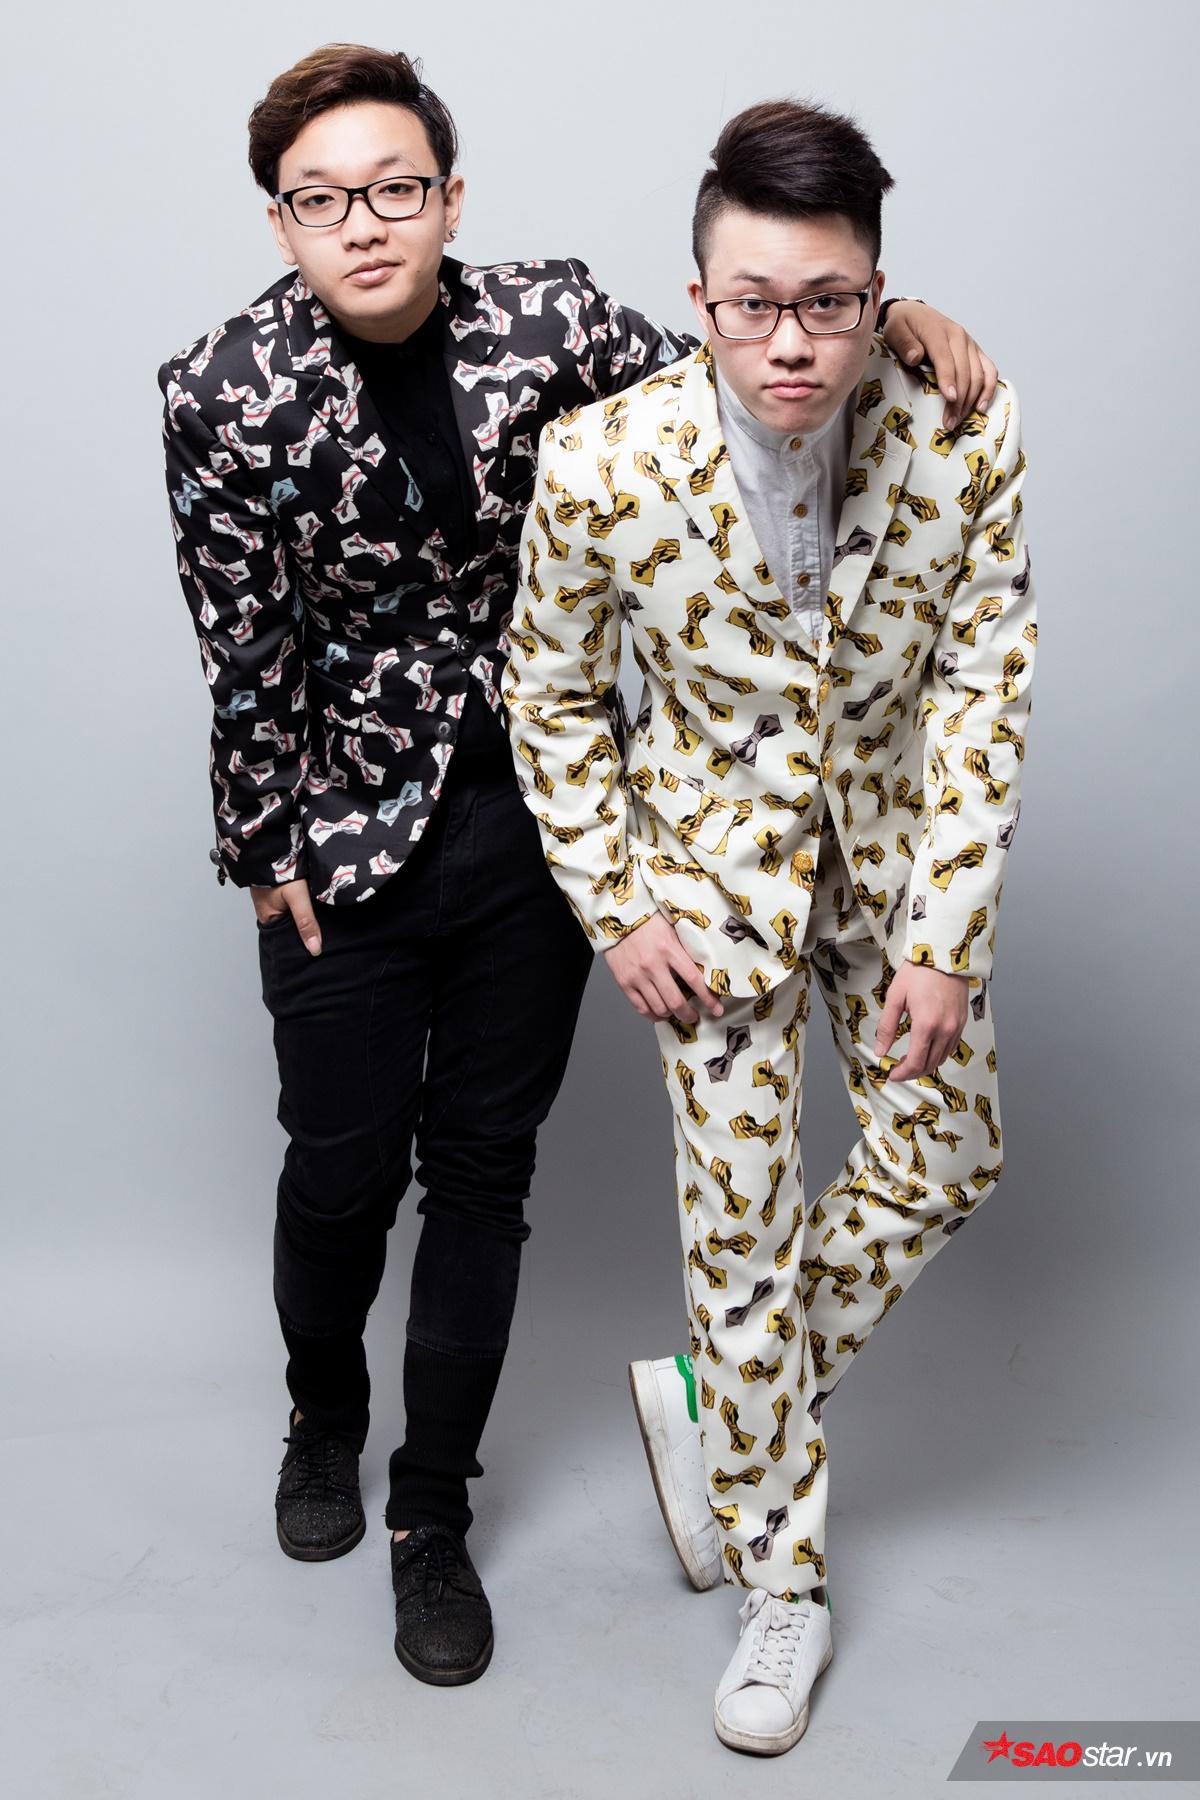 Sự đồng nhất quan điểm về thời trang của 2 anh chàng được thể hiện rõ ràng qua cách lựa chọn bộ suit cùng họa tiết, chỉ khác màu sắc.